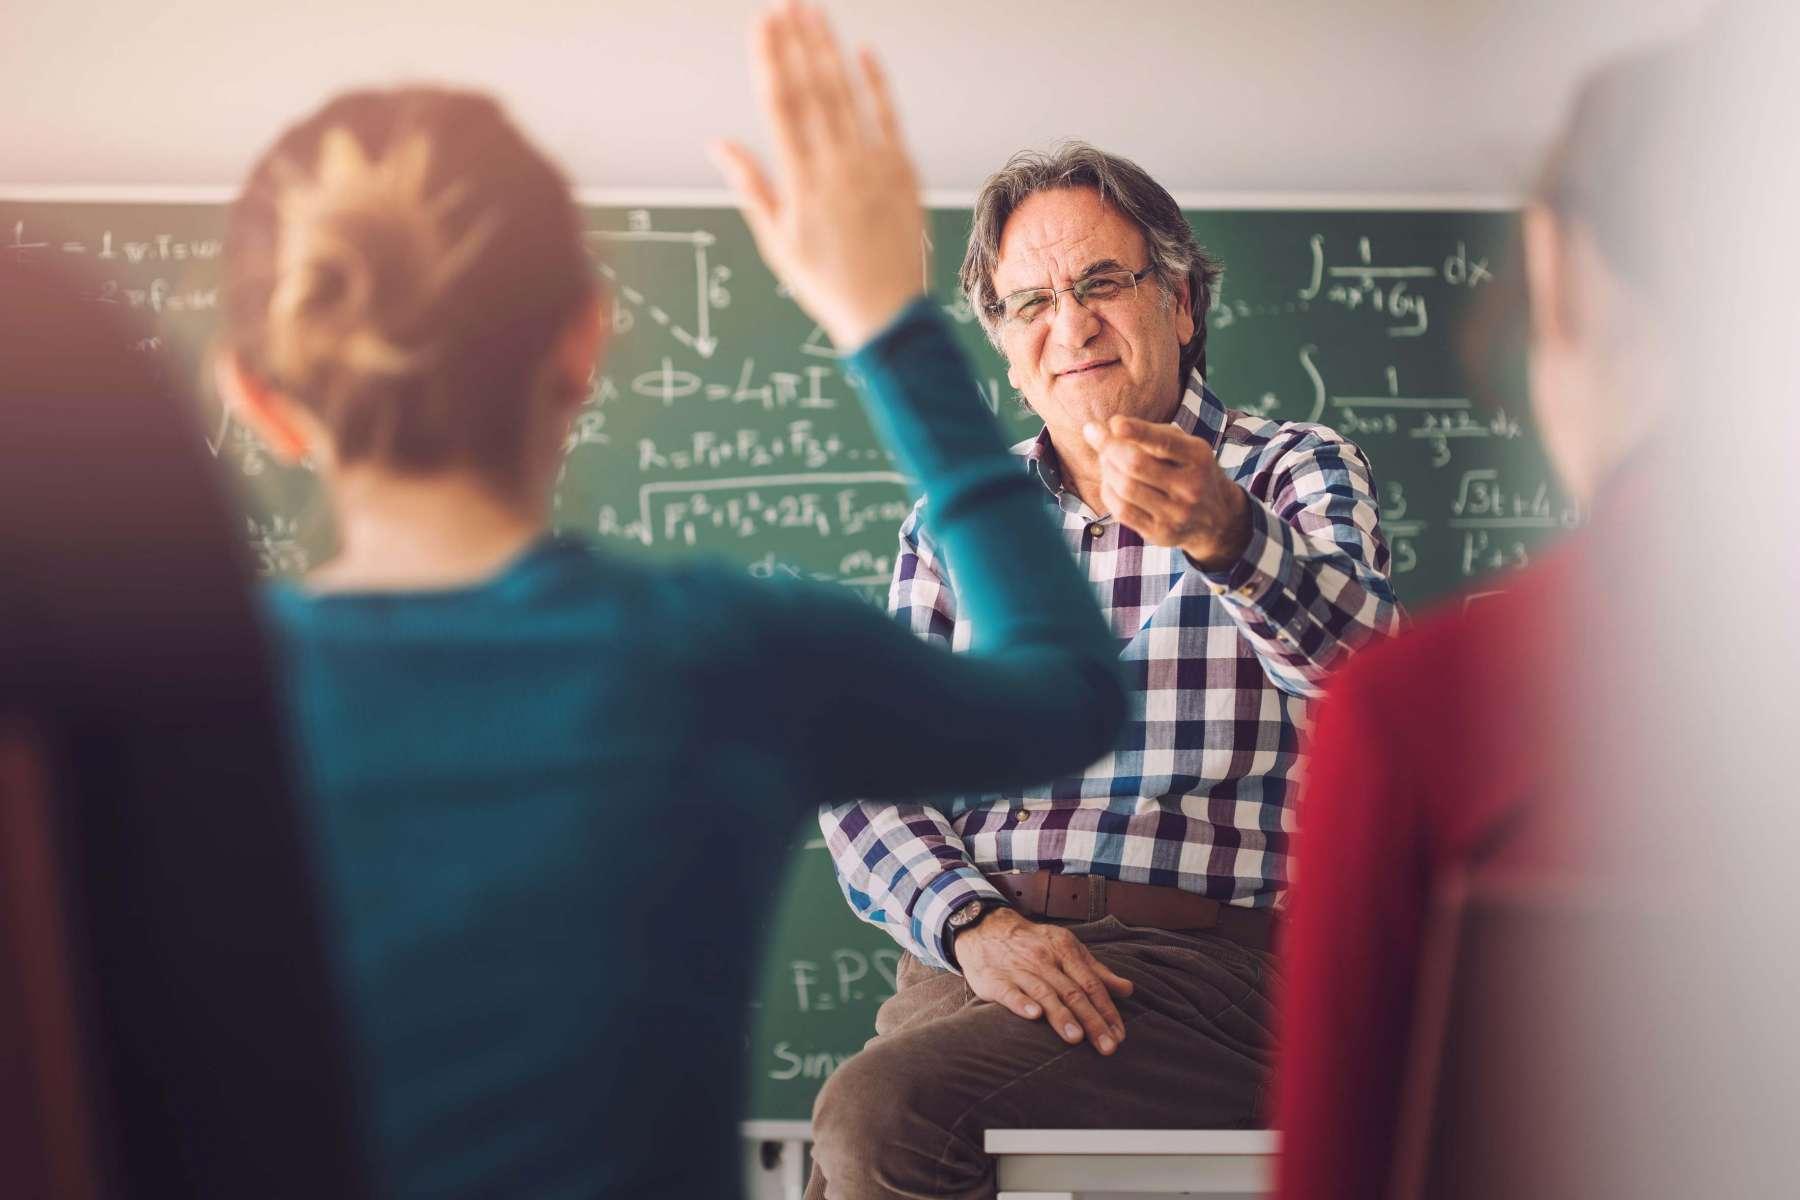 Enseignement: 50 propositions concrètes pour un enseignement exigeant